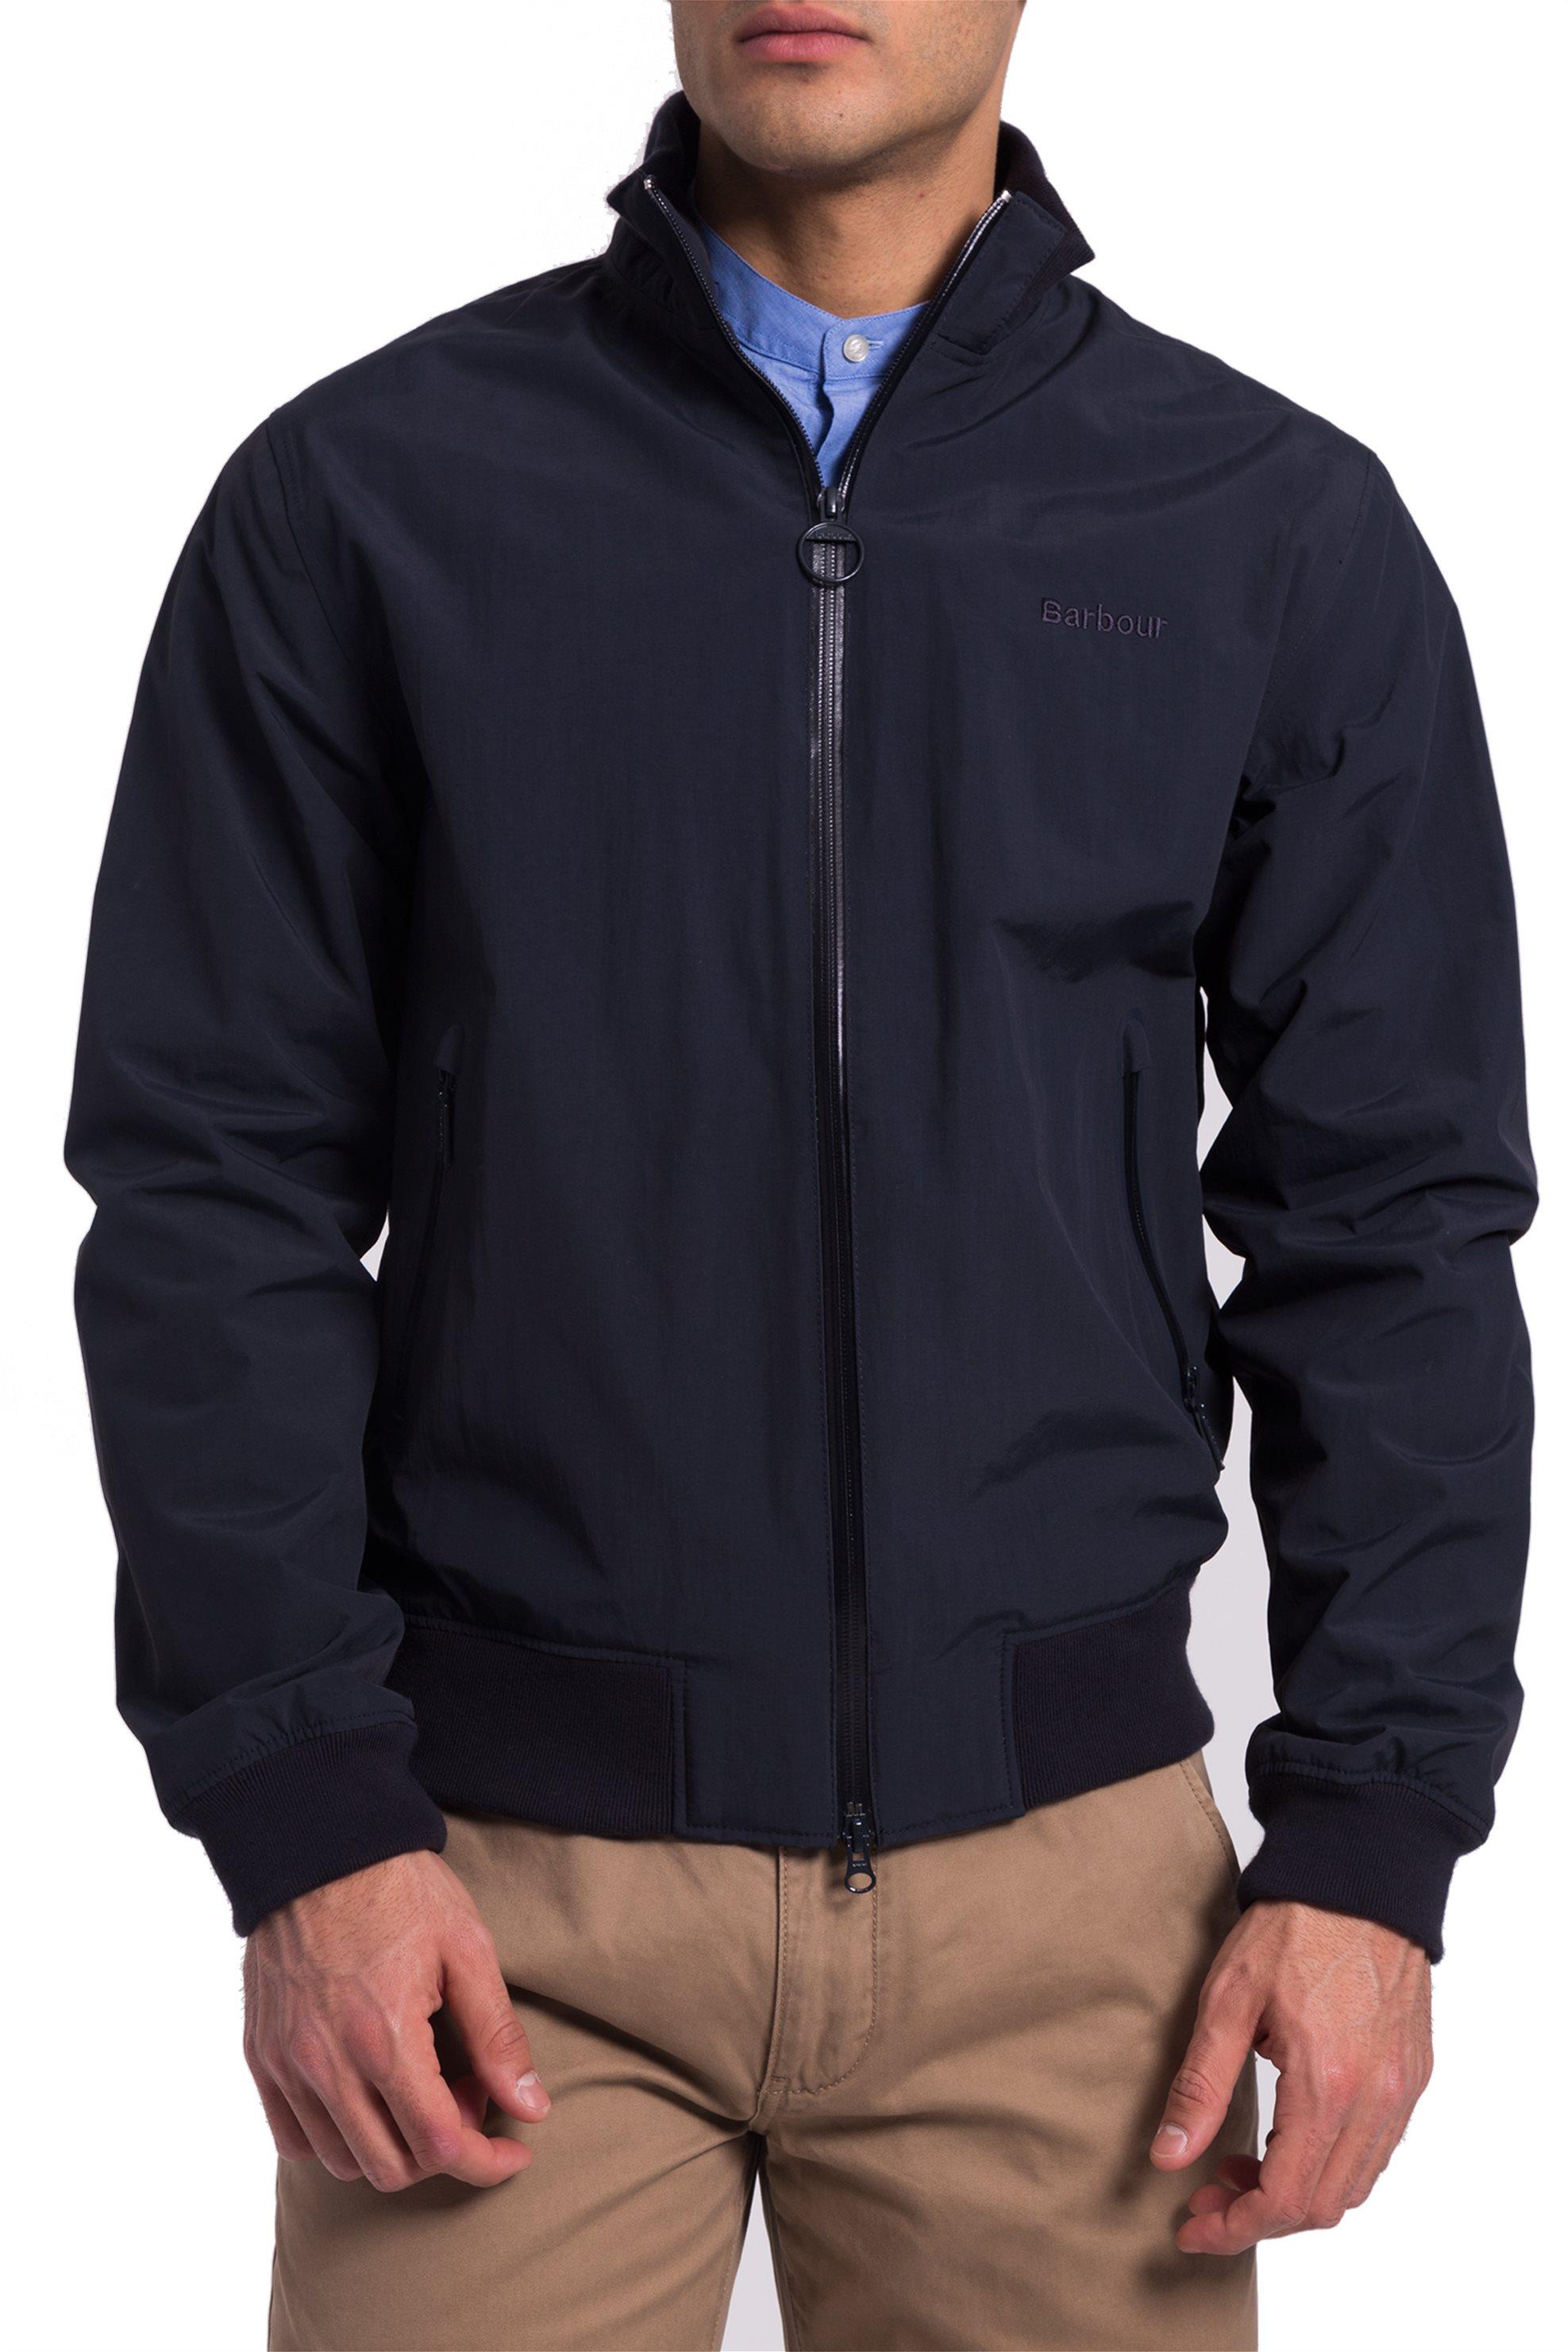 Ανδρικό αδιάβροχο bomber jacket Nimbus Barbour - MWB0551 - Μπλε Σκούρο ανδρασ   ρουχα   παλτό   μπουφάν   bomber